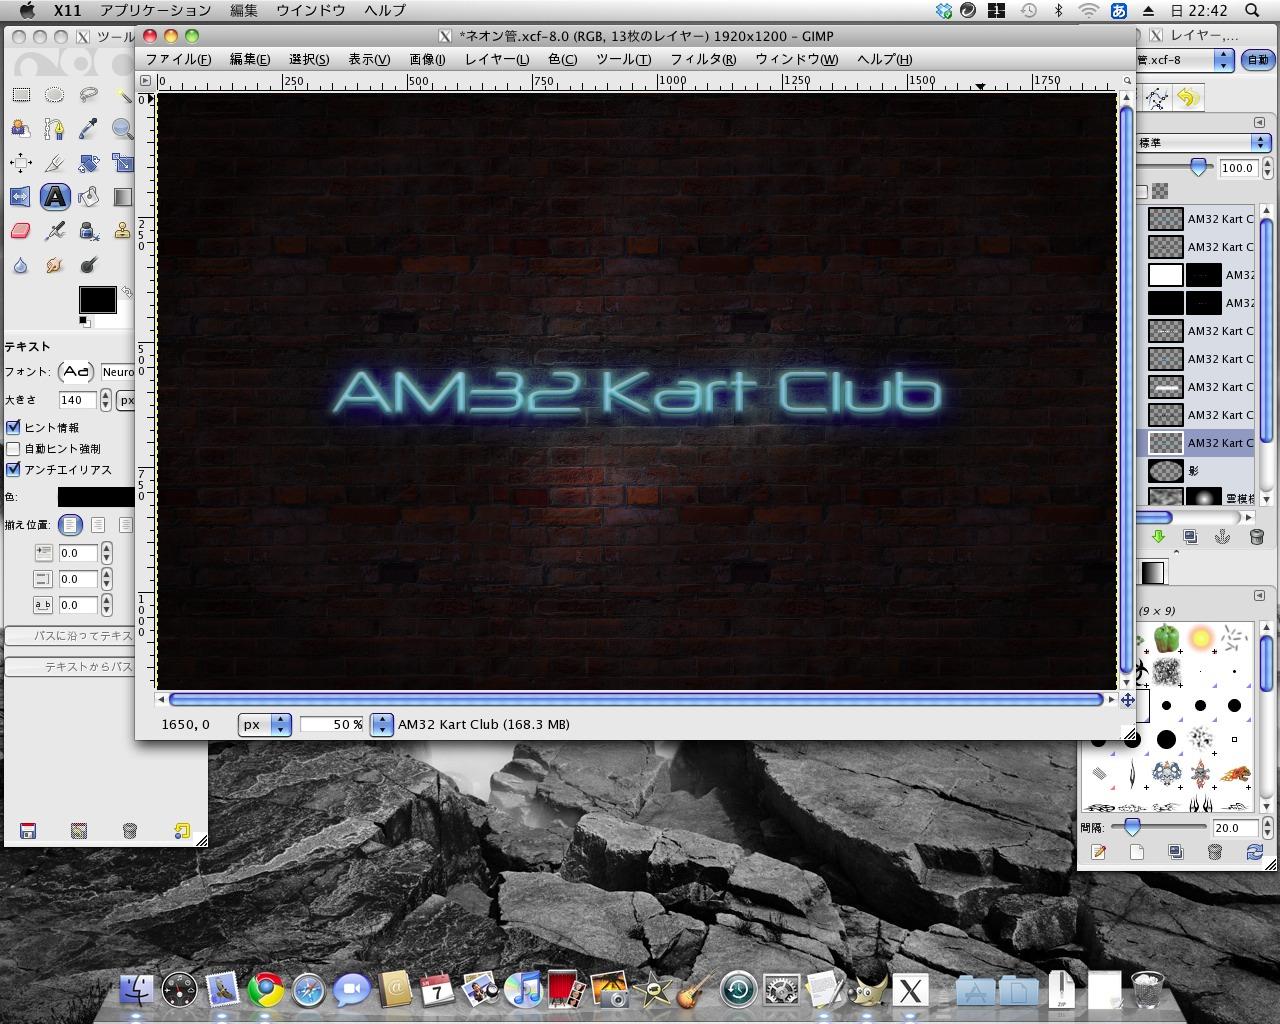 20100307_AKC-neon-logo_11.jpg